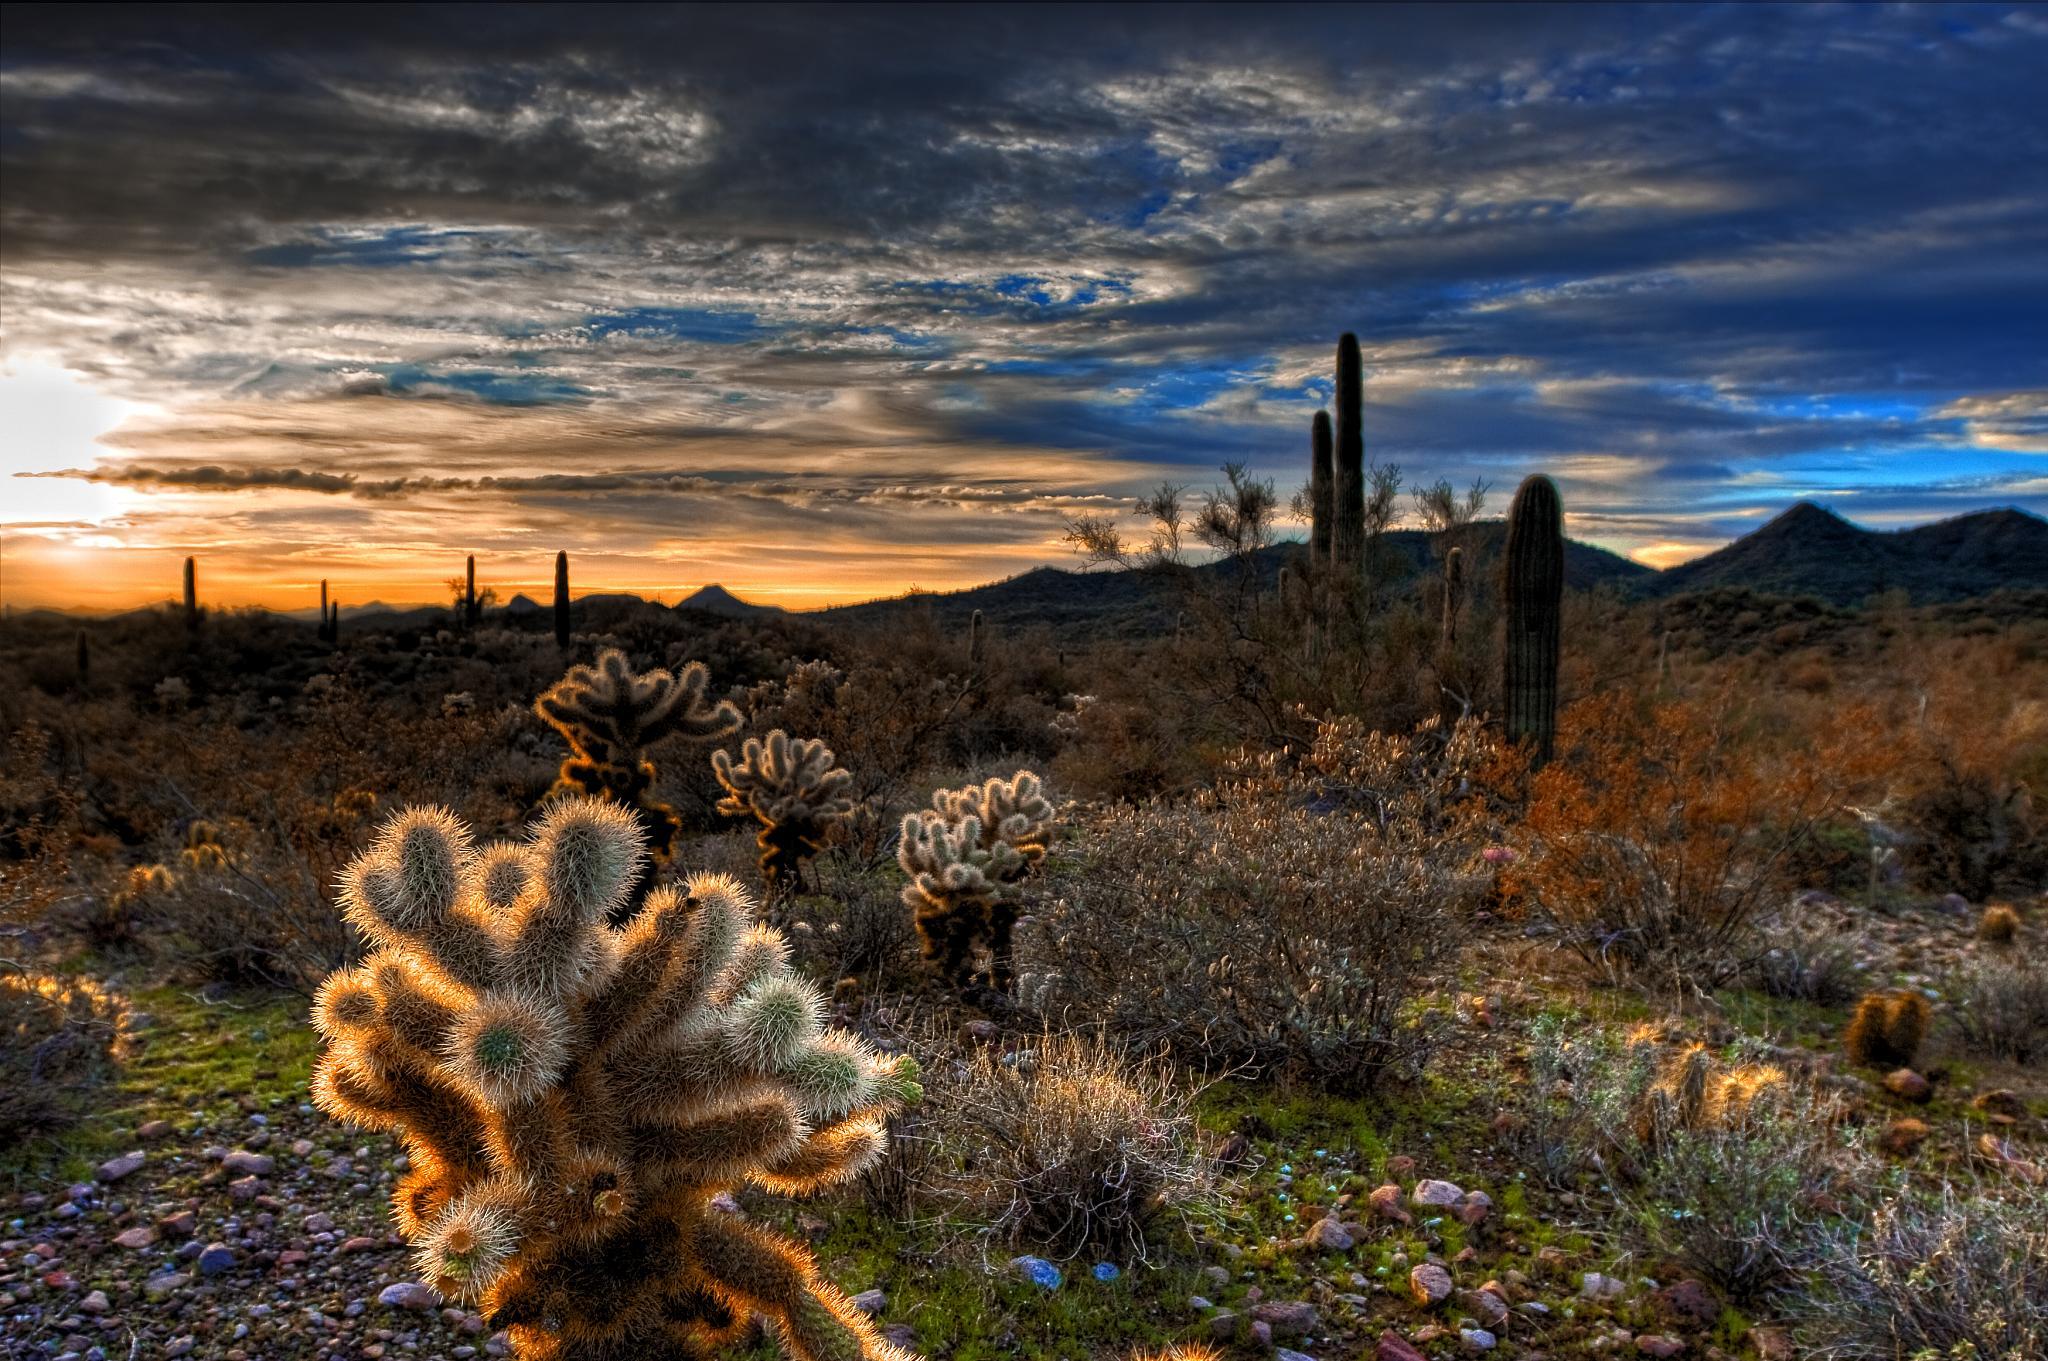 Cactus of Arizona Field Guide (Cacti Identification) Arizona desert cactus pictures